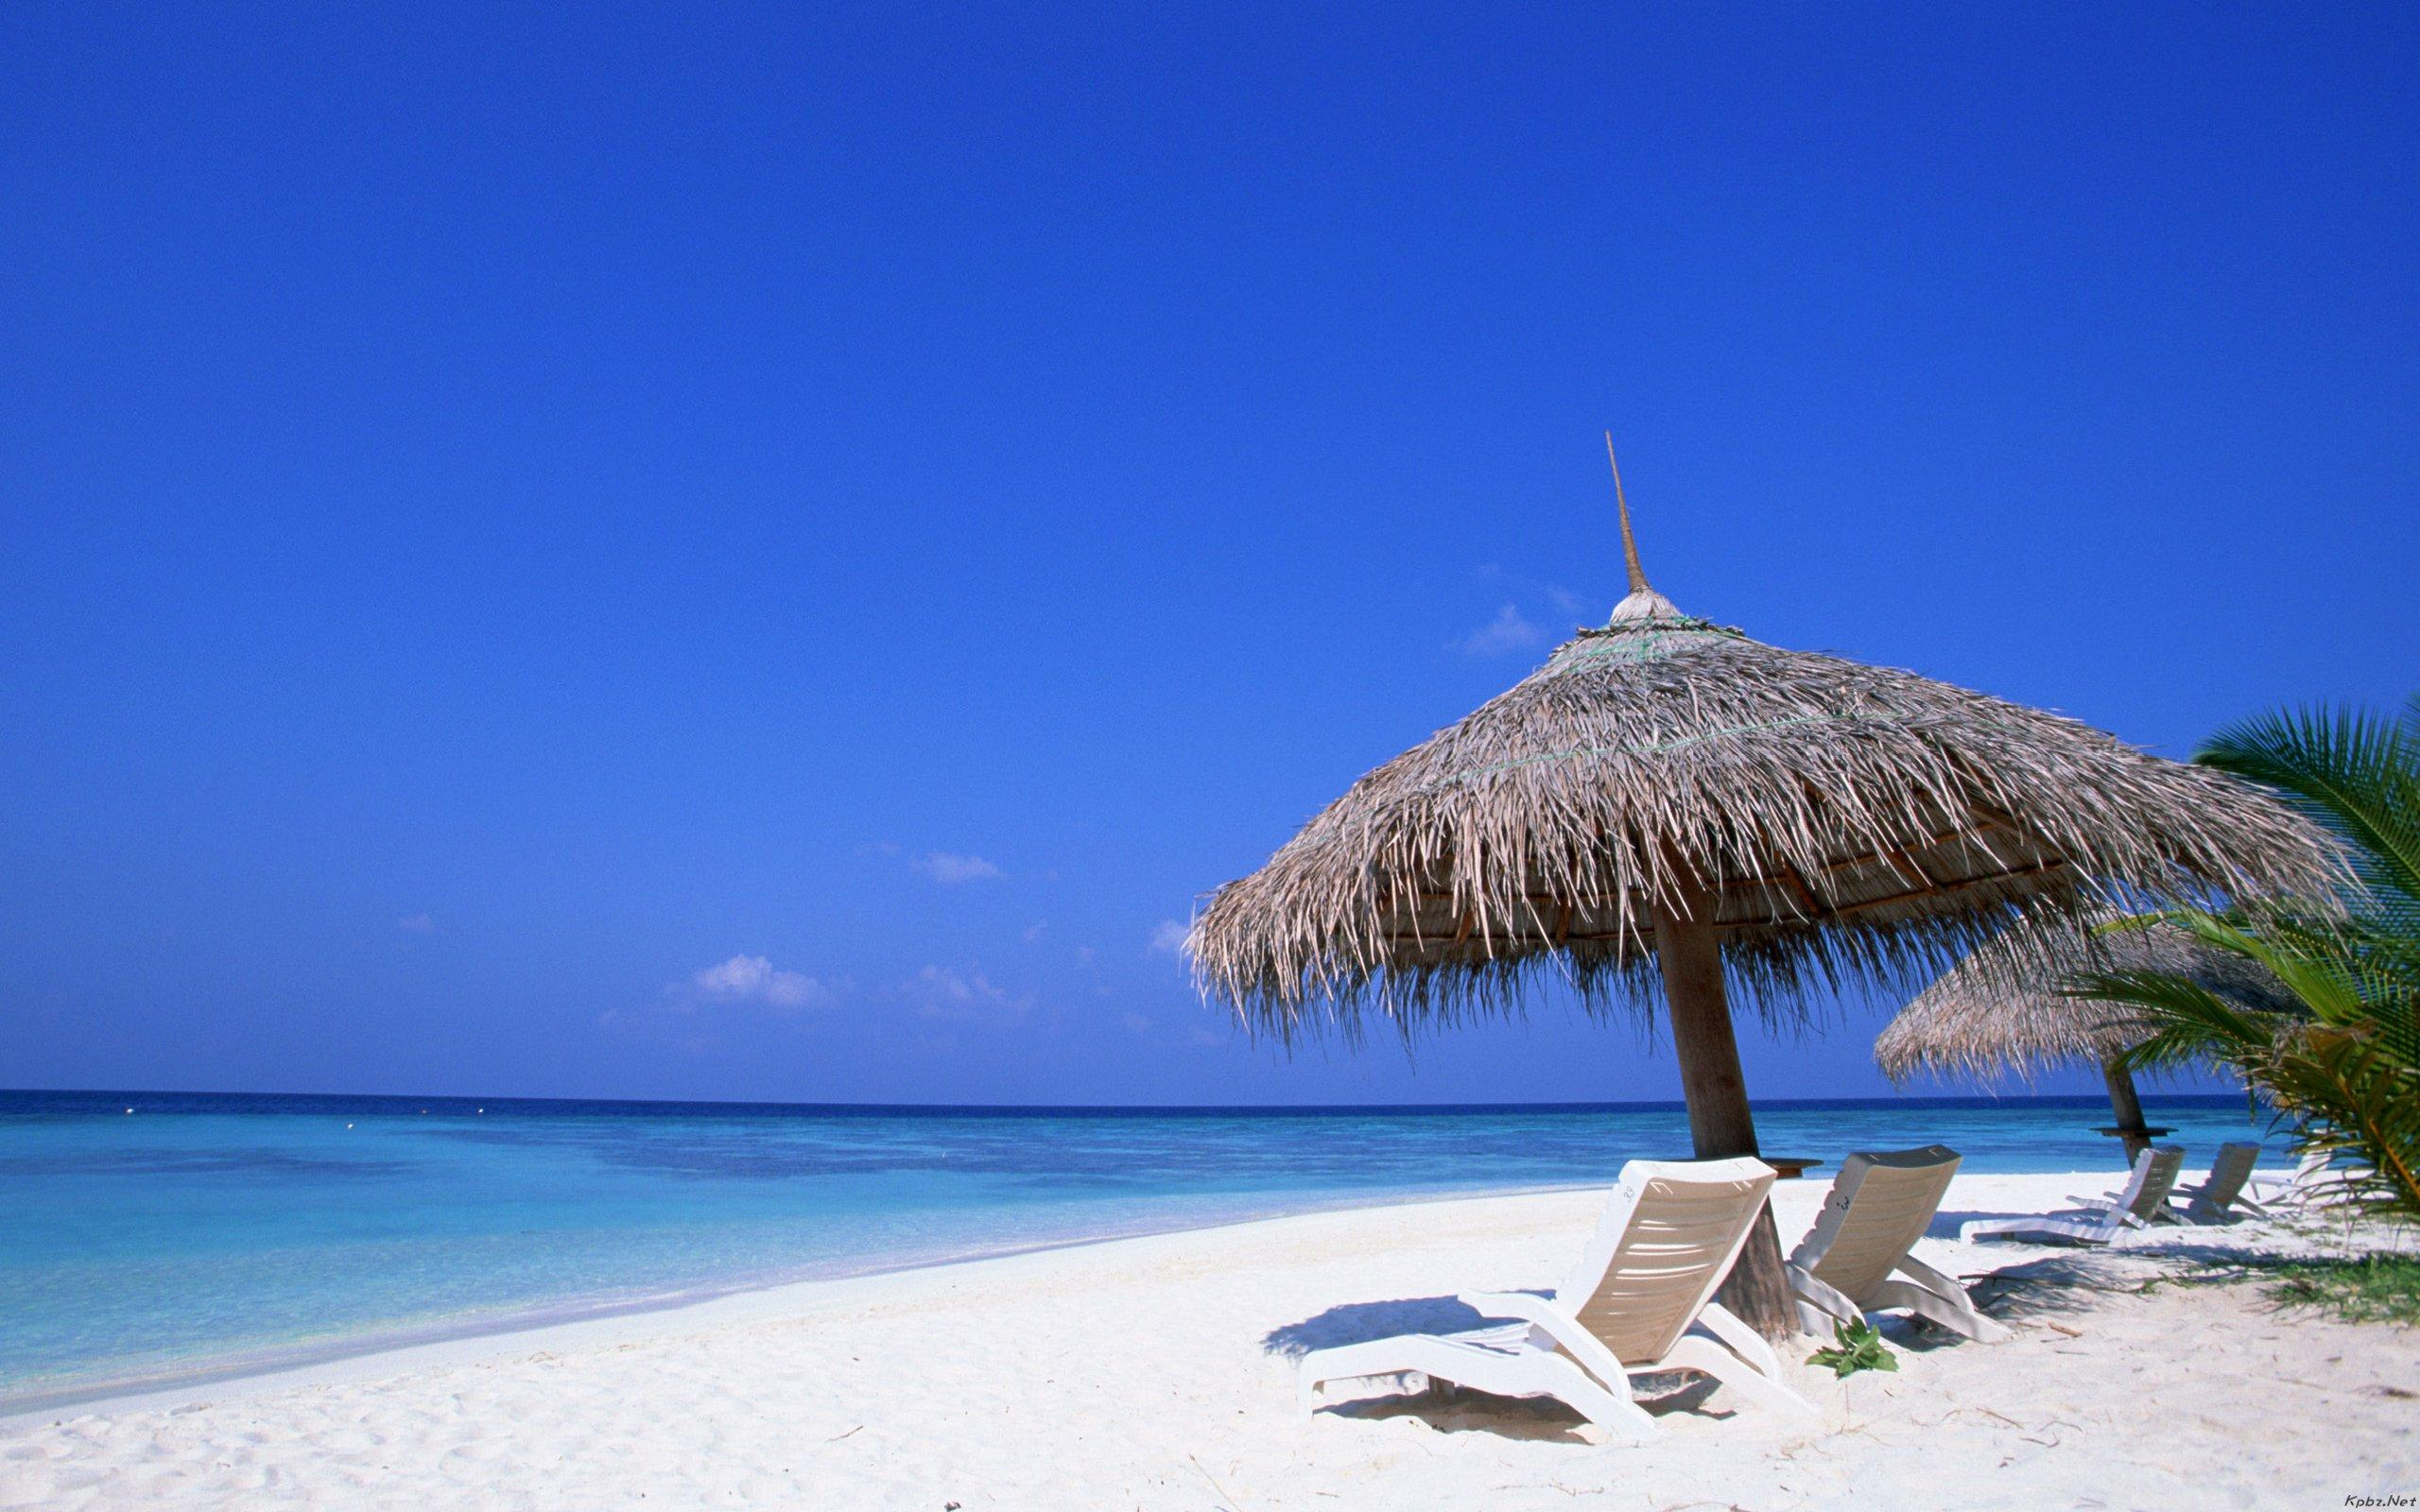 马尔代夫高清海滩壁纸 马尔代夫唯美海滩电脑壁纸